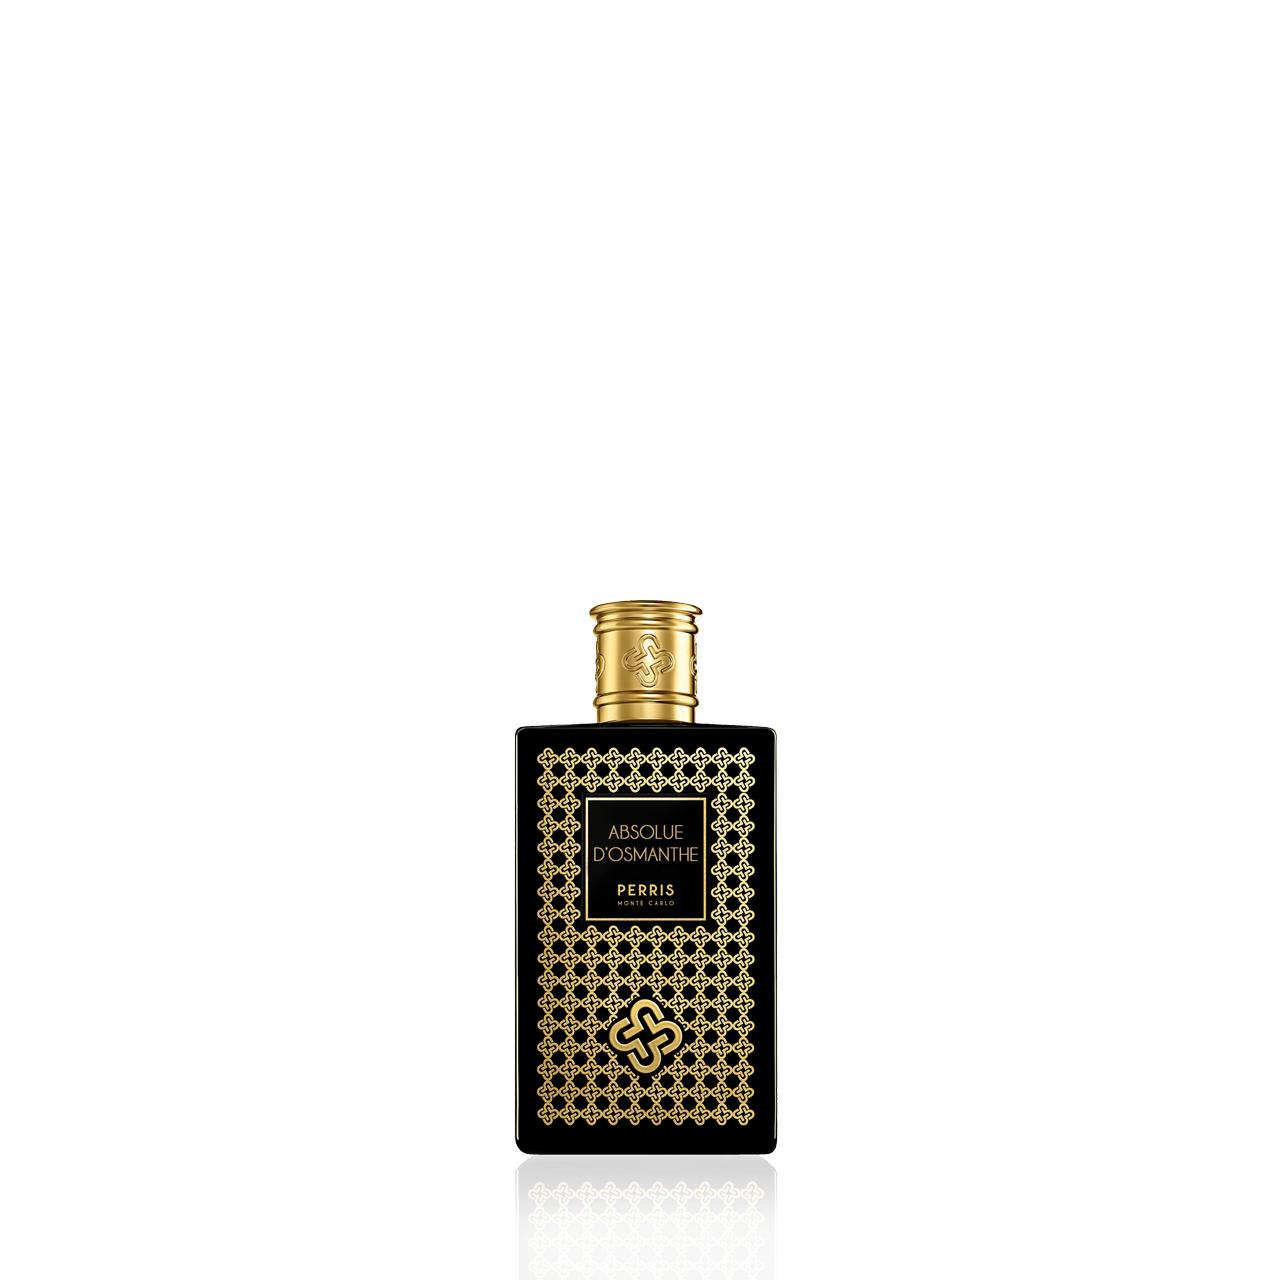 Absolue D'Osmanthe - Eau de Parfum